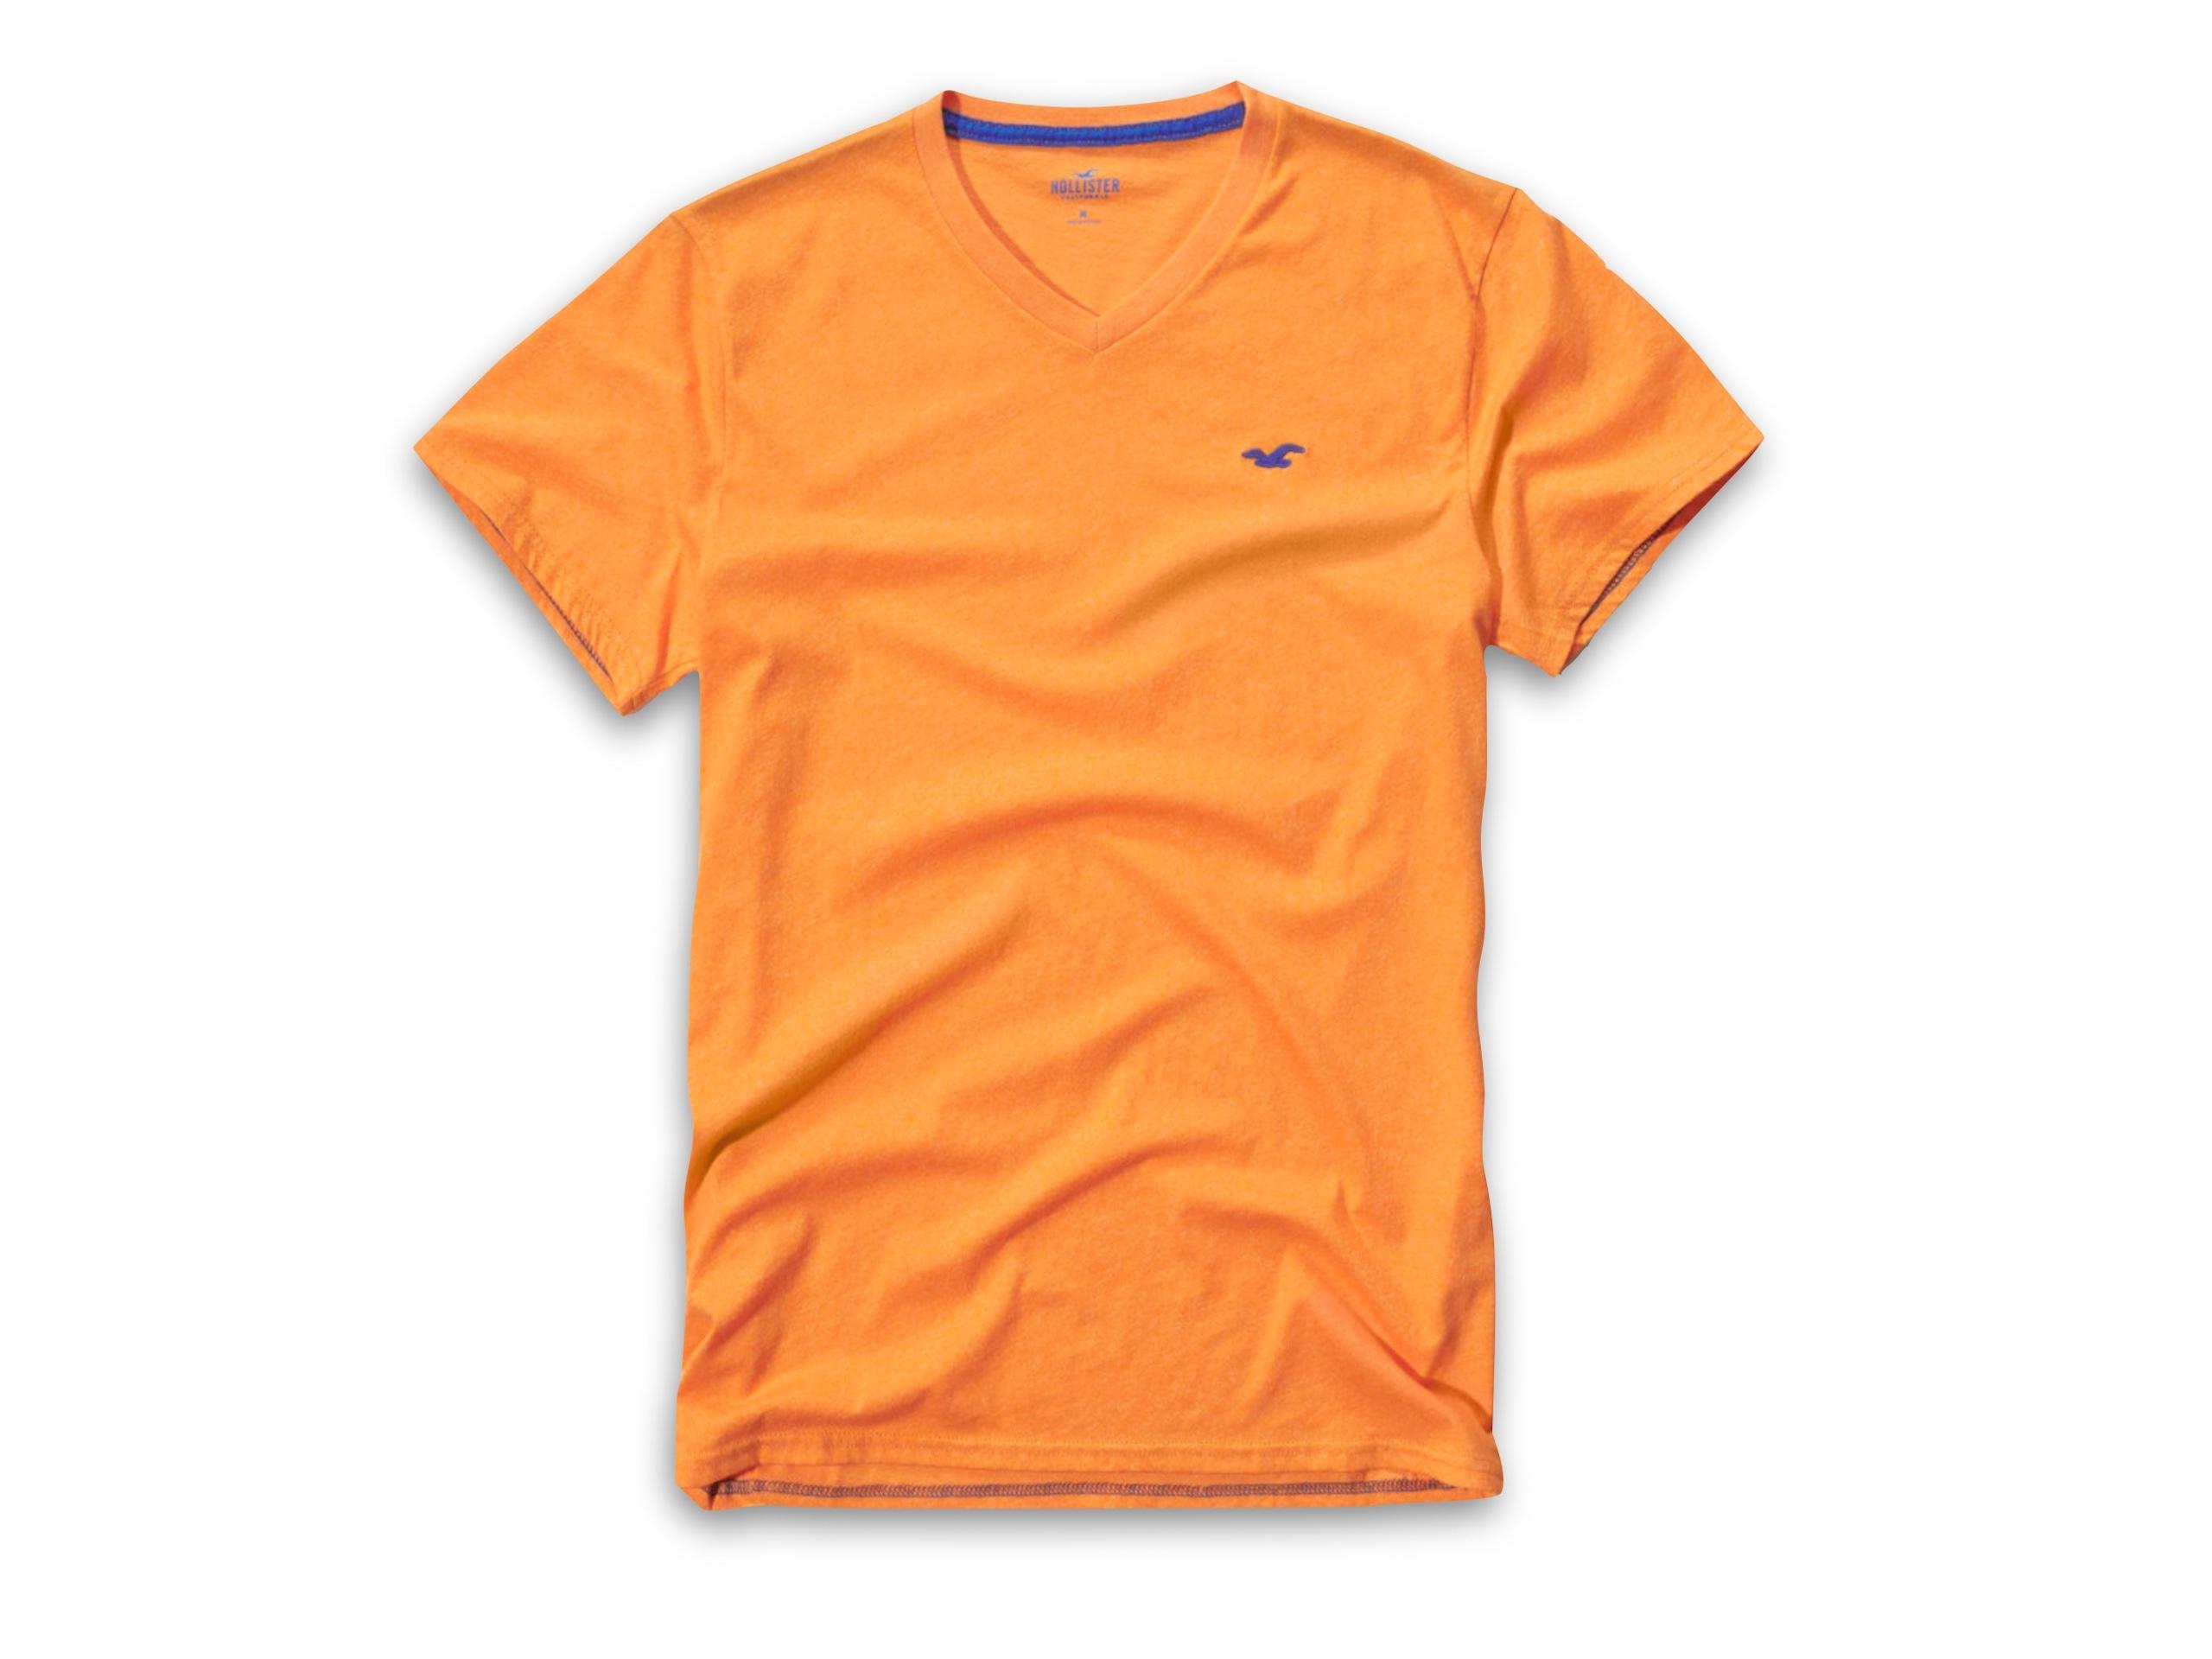 hollister abercrombie t-shirt koszulka v-neck M